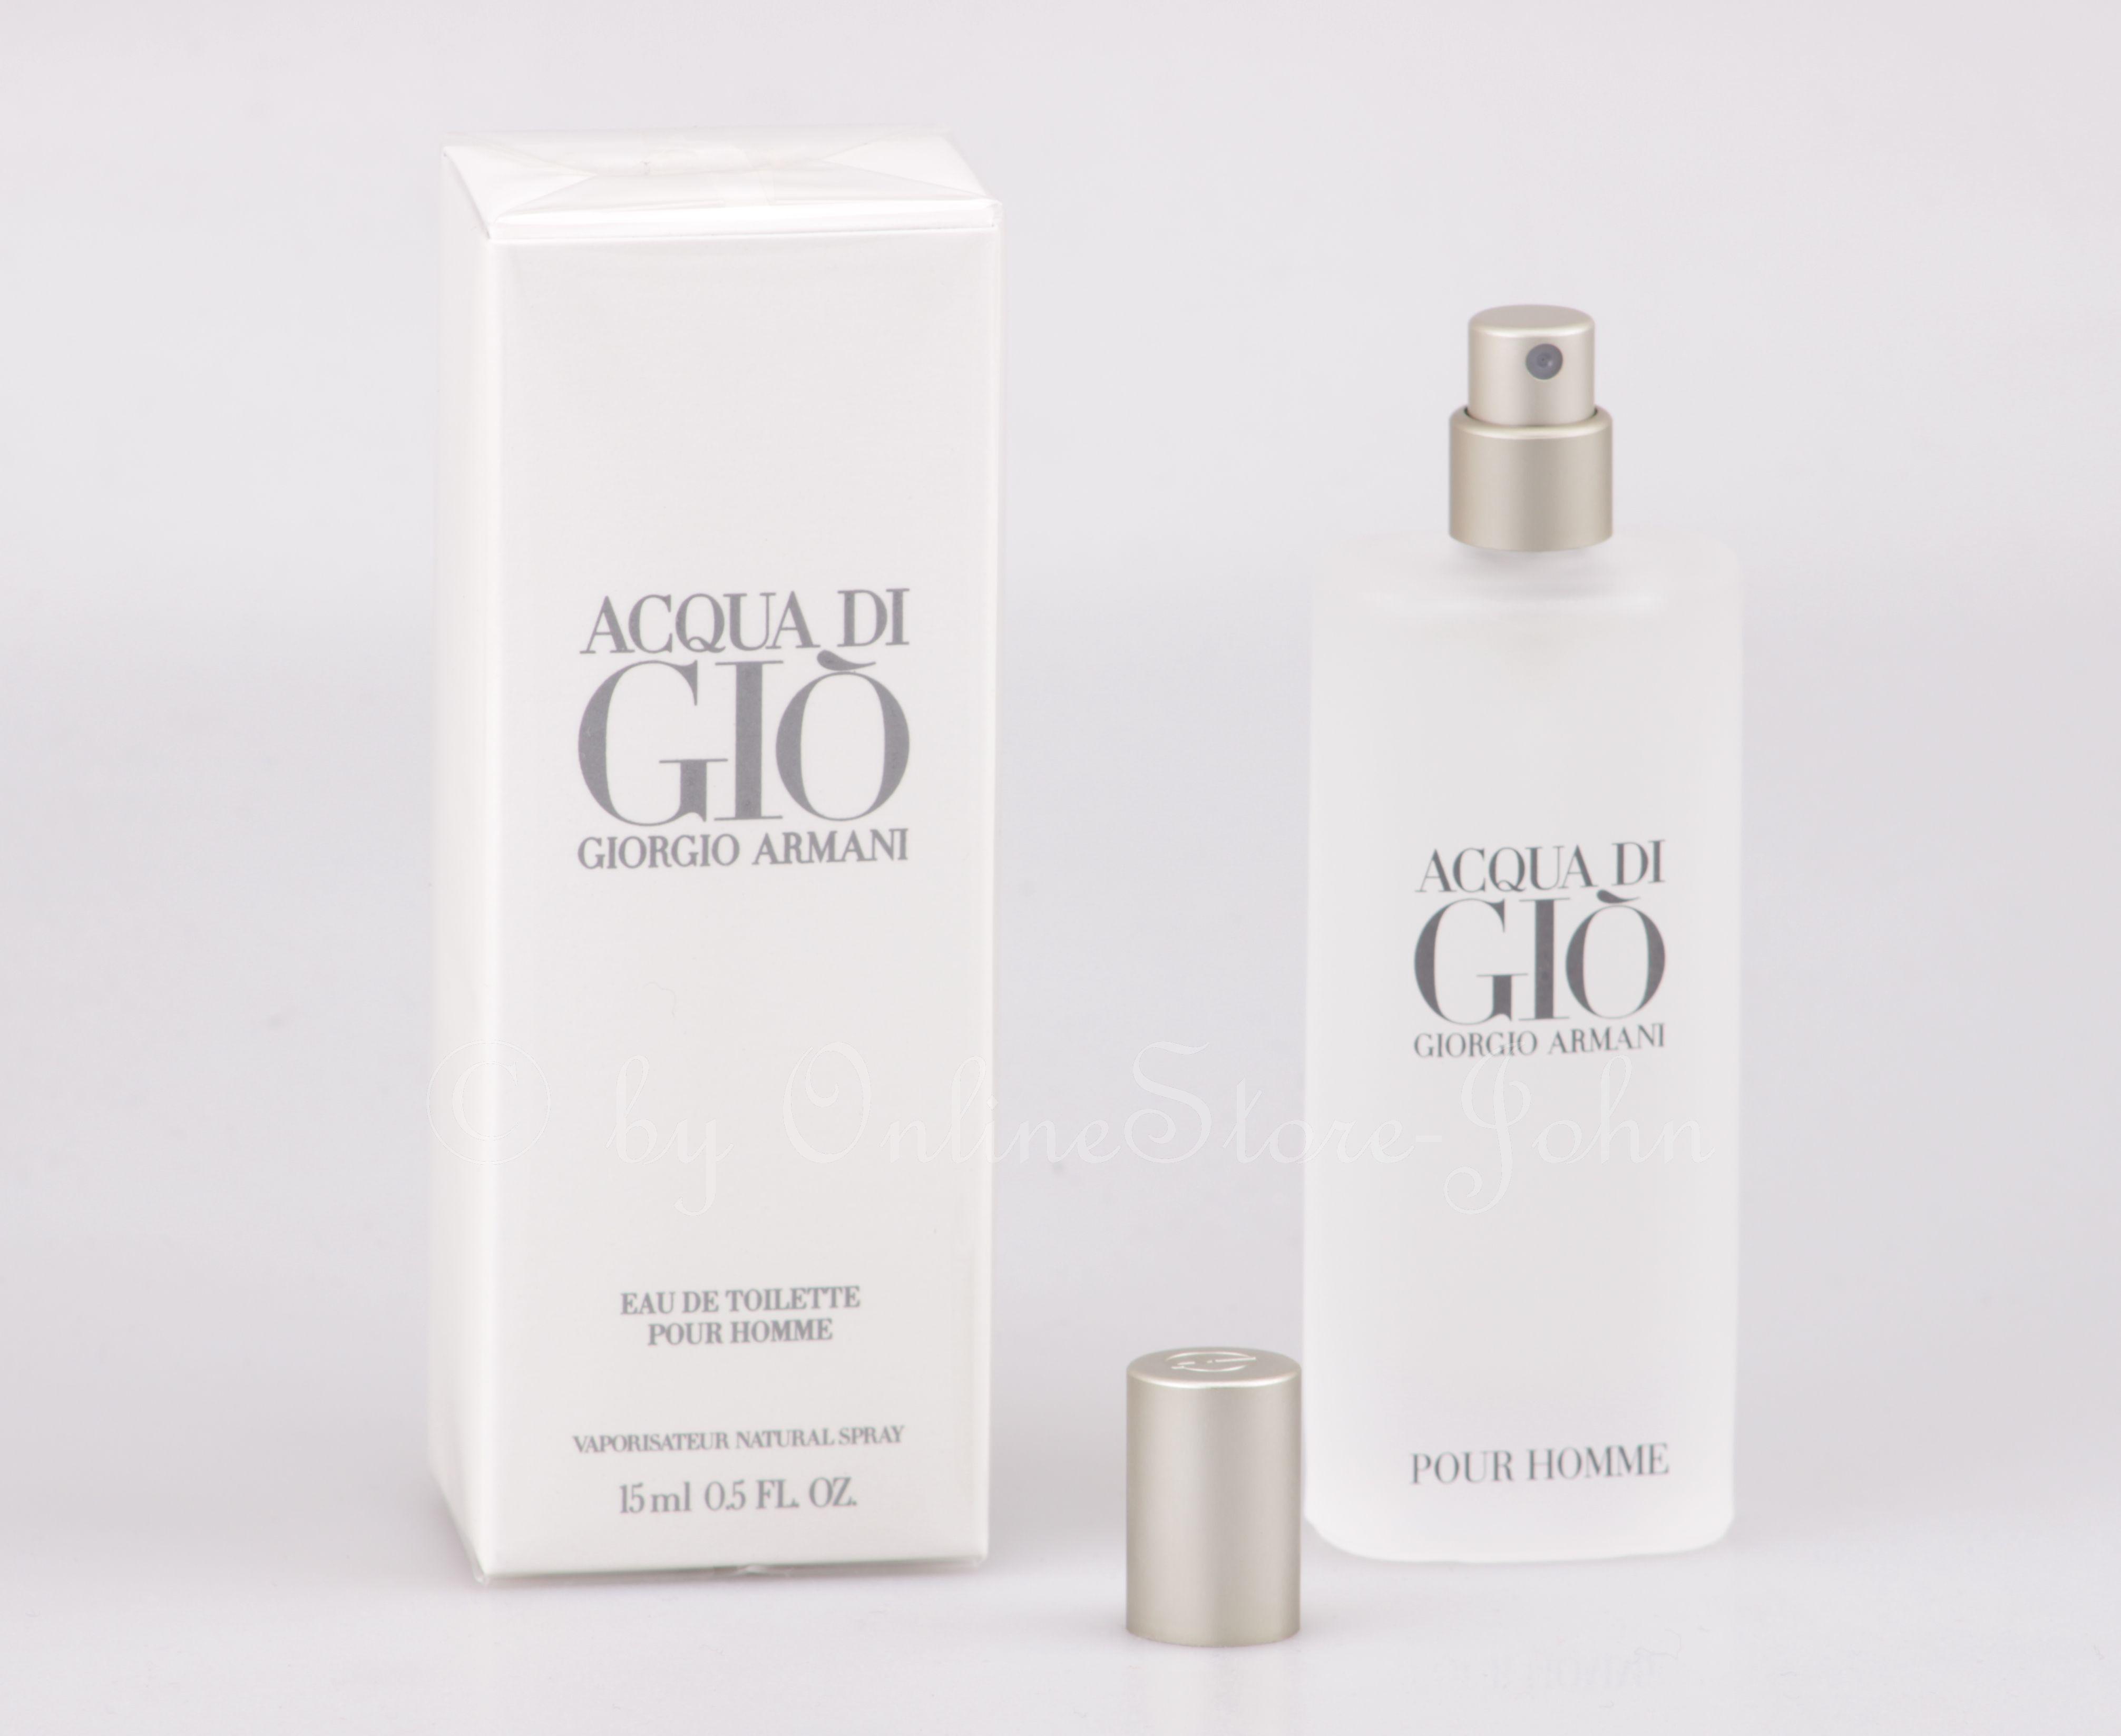 Giorgio Armani - Acqua di Gio pour Homme - 15ml EDT Eau de Toilette 4c693e7aaea